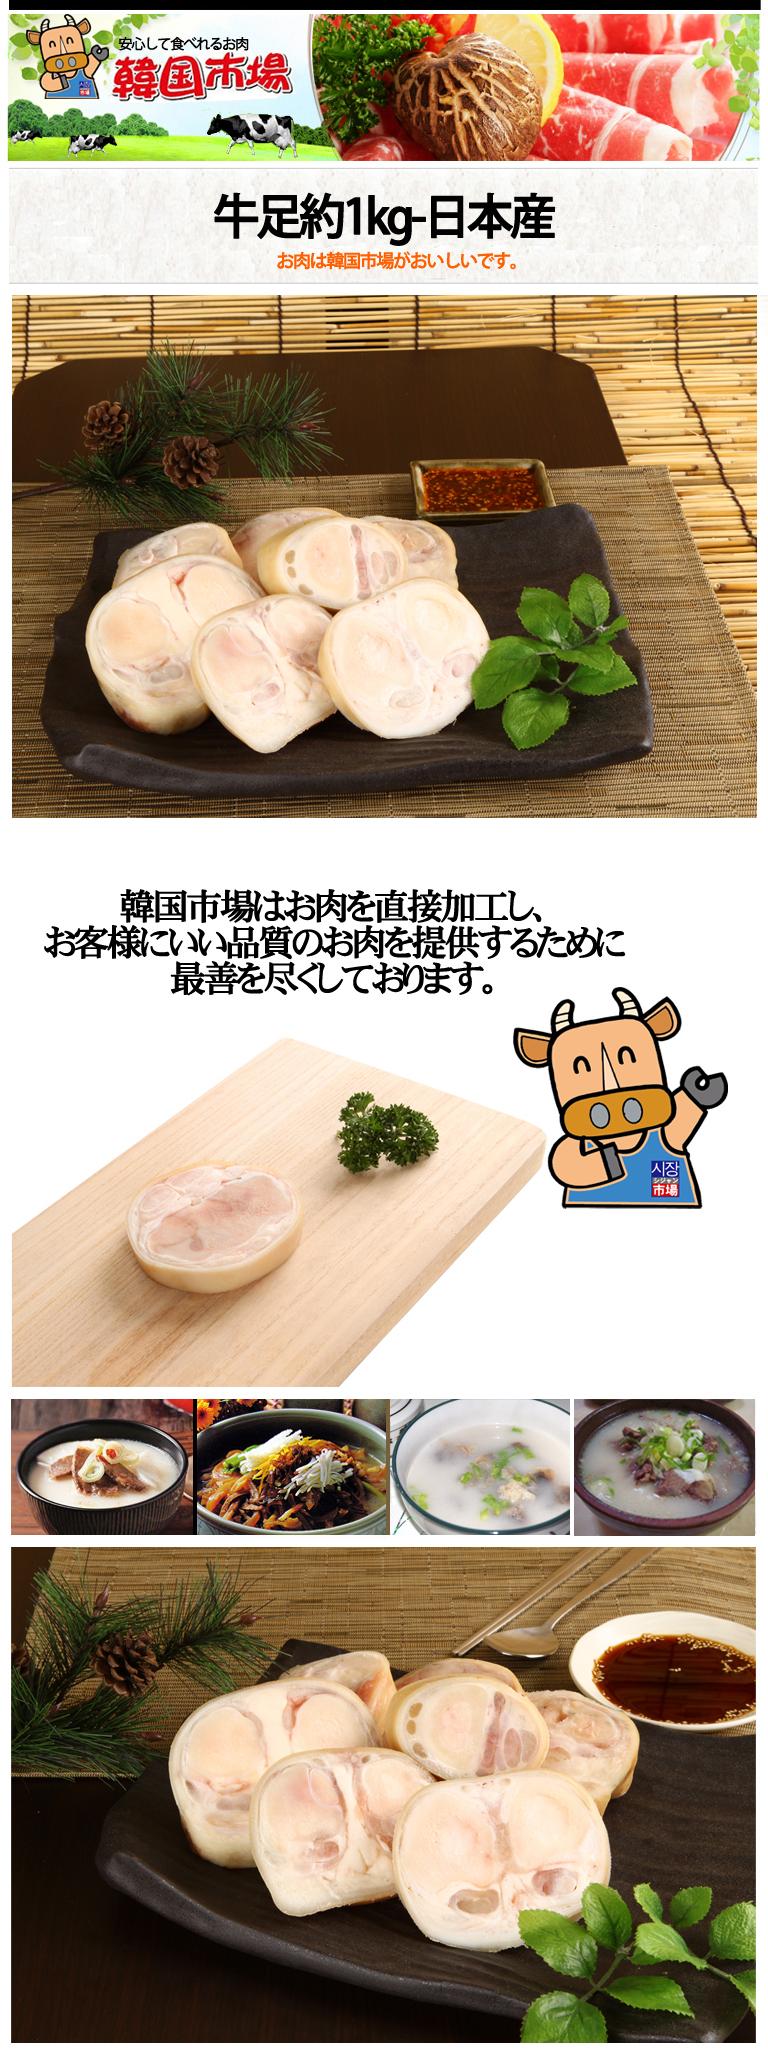 白煮してからシチュー等の煮込み料理になる。